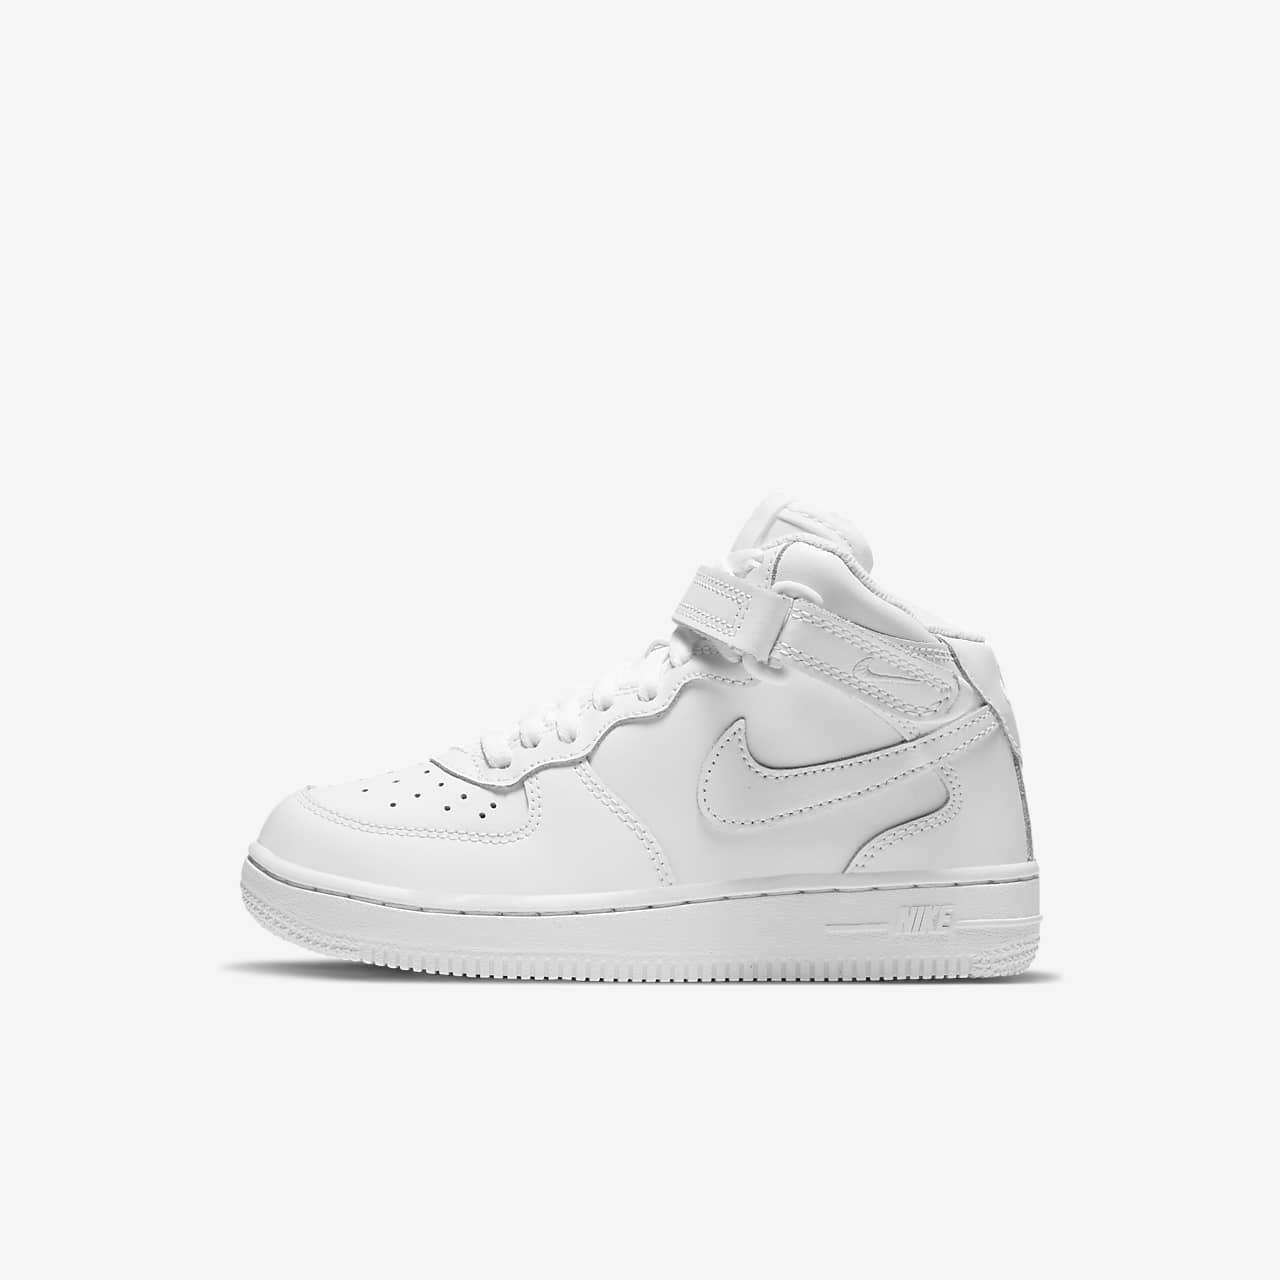 ... Chaussure Nike Air Force 1 Mid pour Jeune enfant